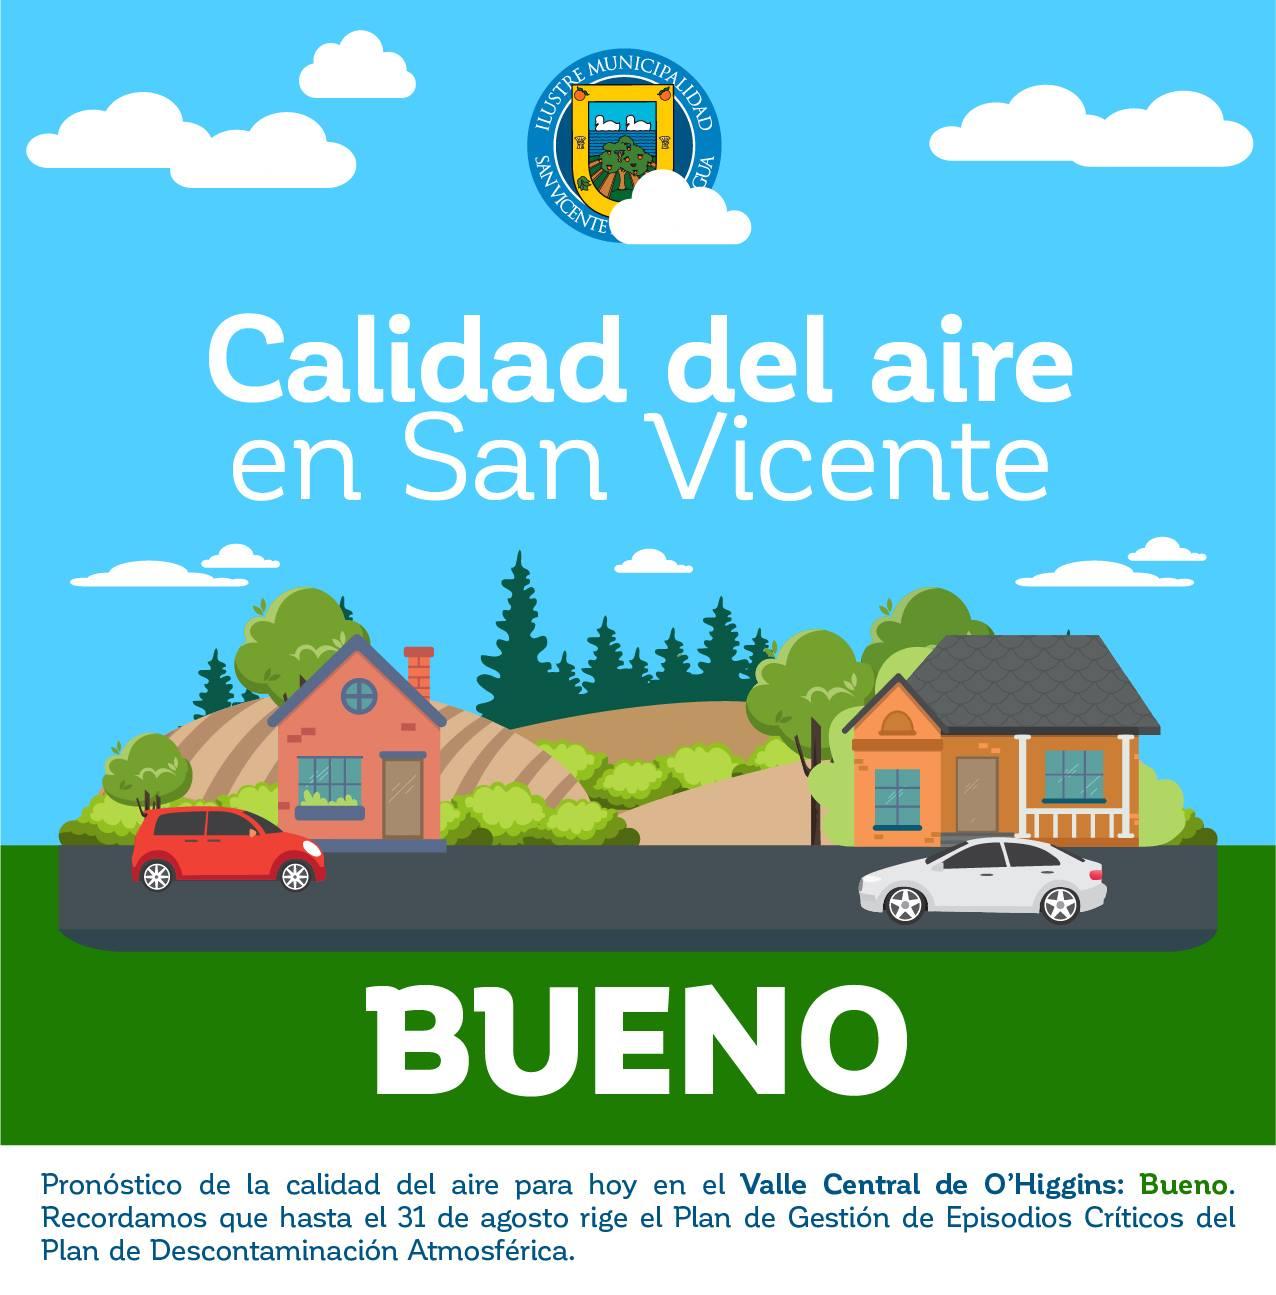 CALIDAD DEL AIRE EN SAN VICENTE DE TAGUA TAGUA VIERNES 17 DE ABRIL: BUENO